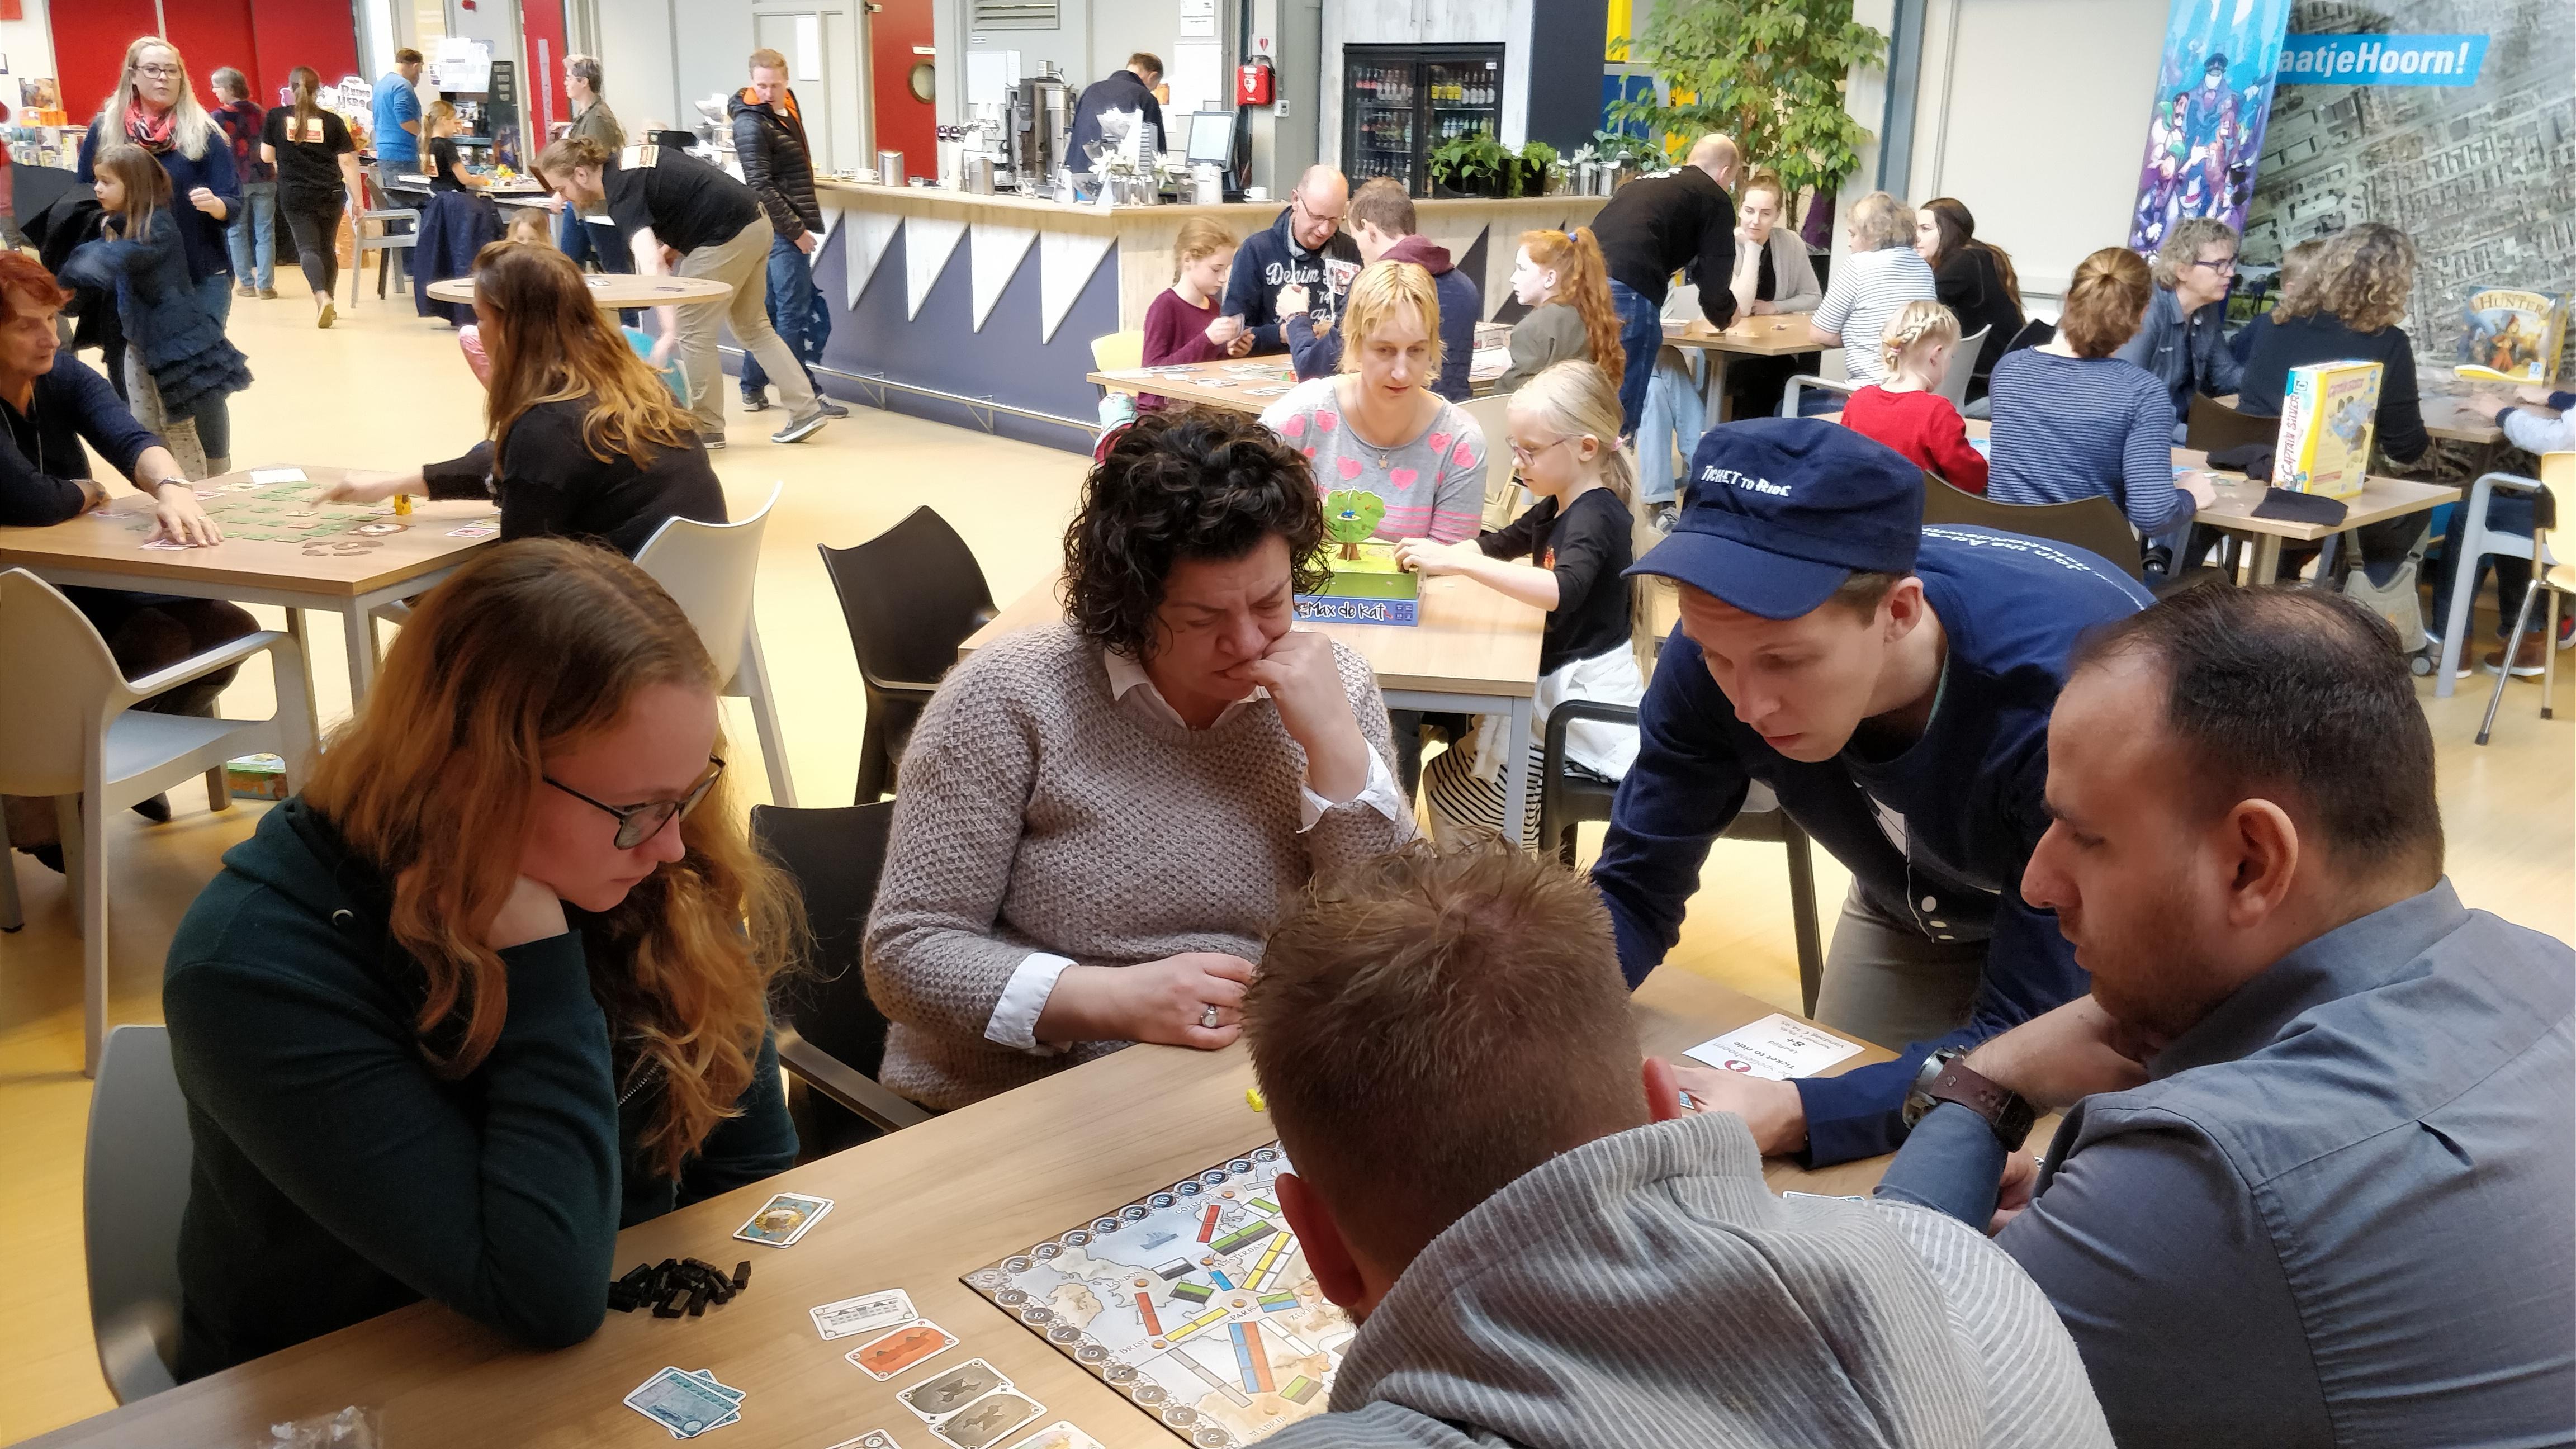 In wijkcentrum De Zaagtand staan de nieuwste spellen klaar op de tafels. Zin om te spelen? Neem plaats en ga aan de slag! (Foto: aangeleverd)